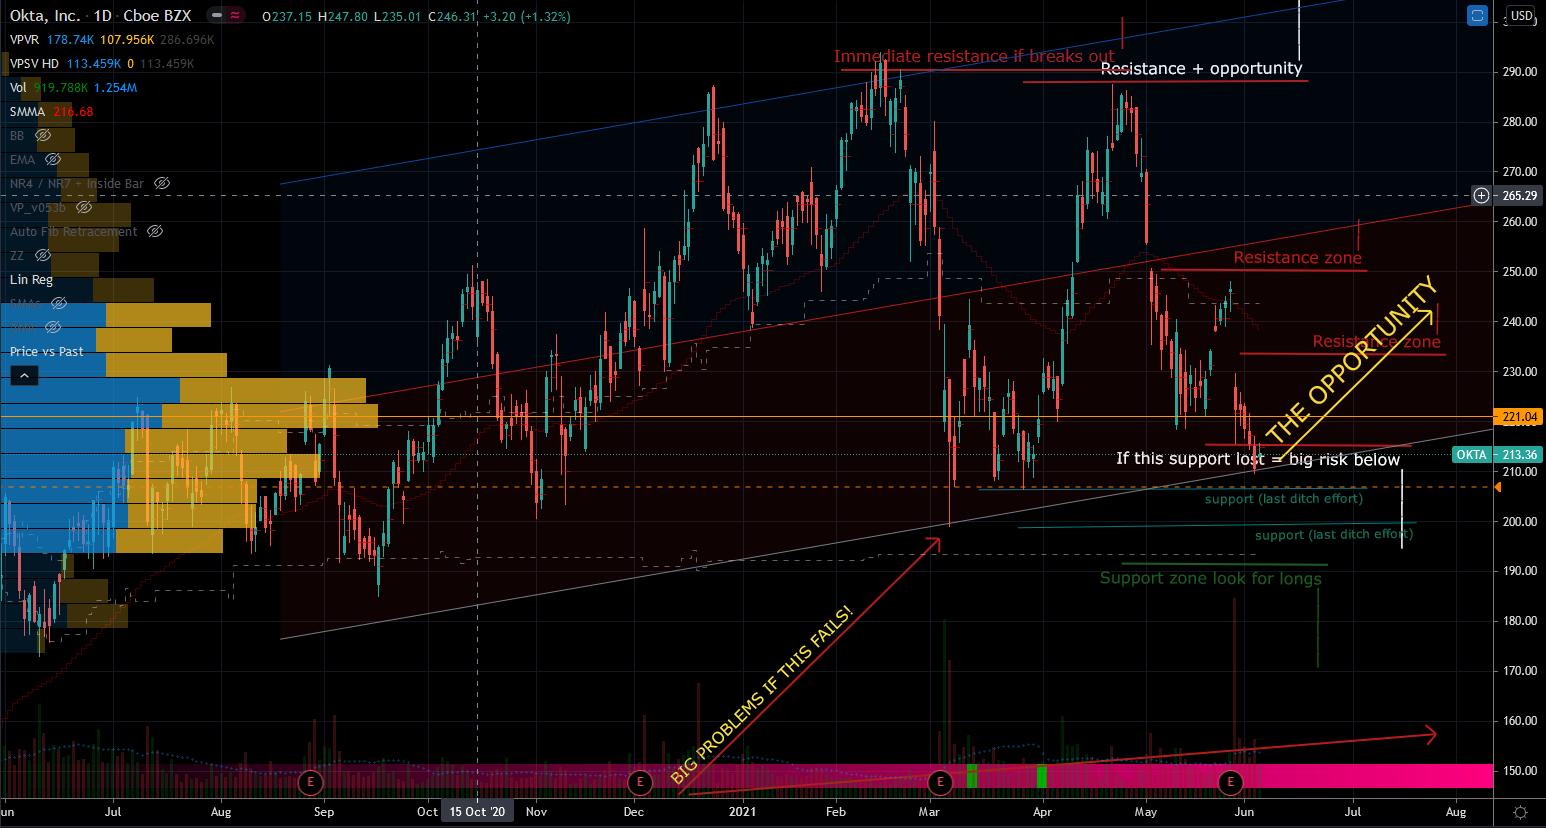 Hot Stocks: Okta (OKTA) Stock Chart Showing Swing Trade Opportunity